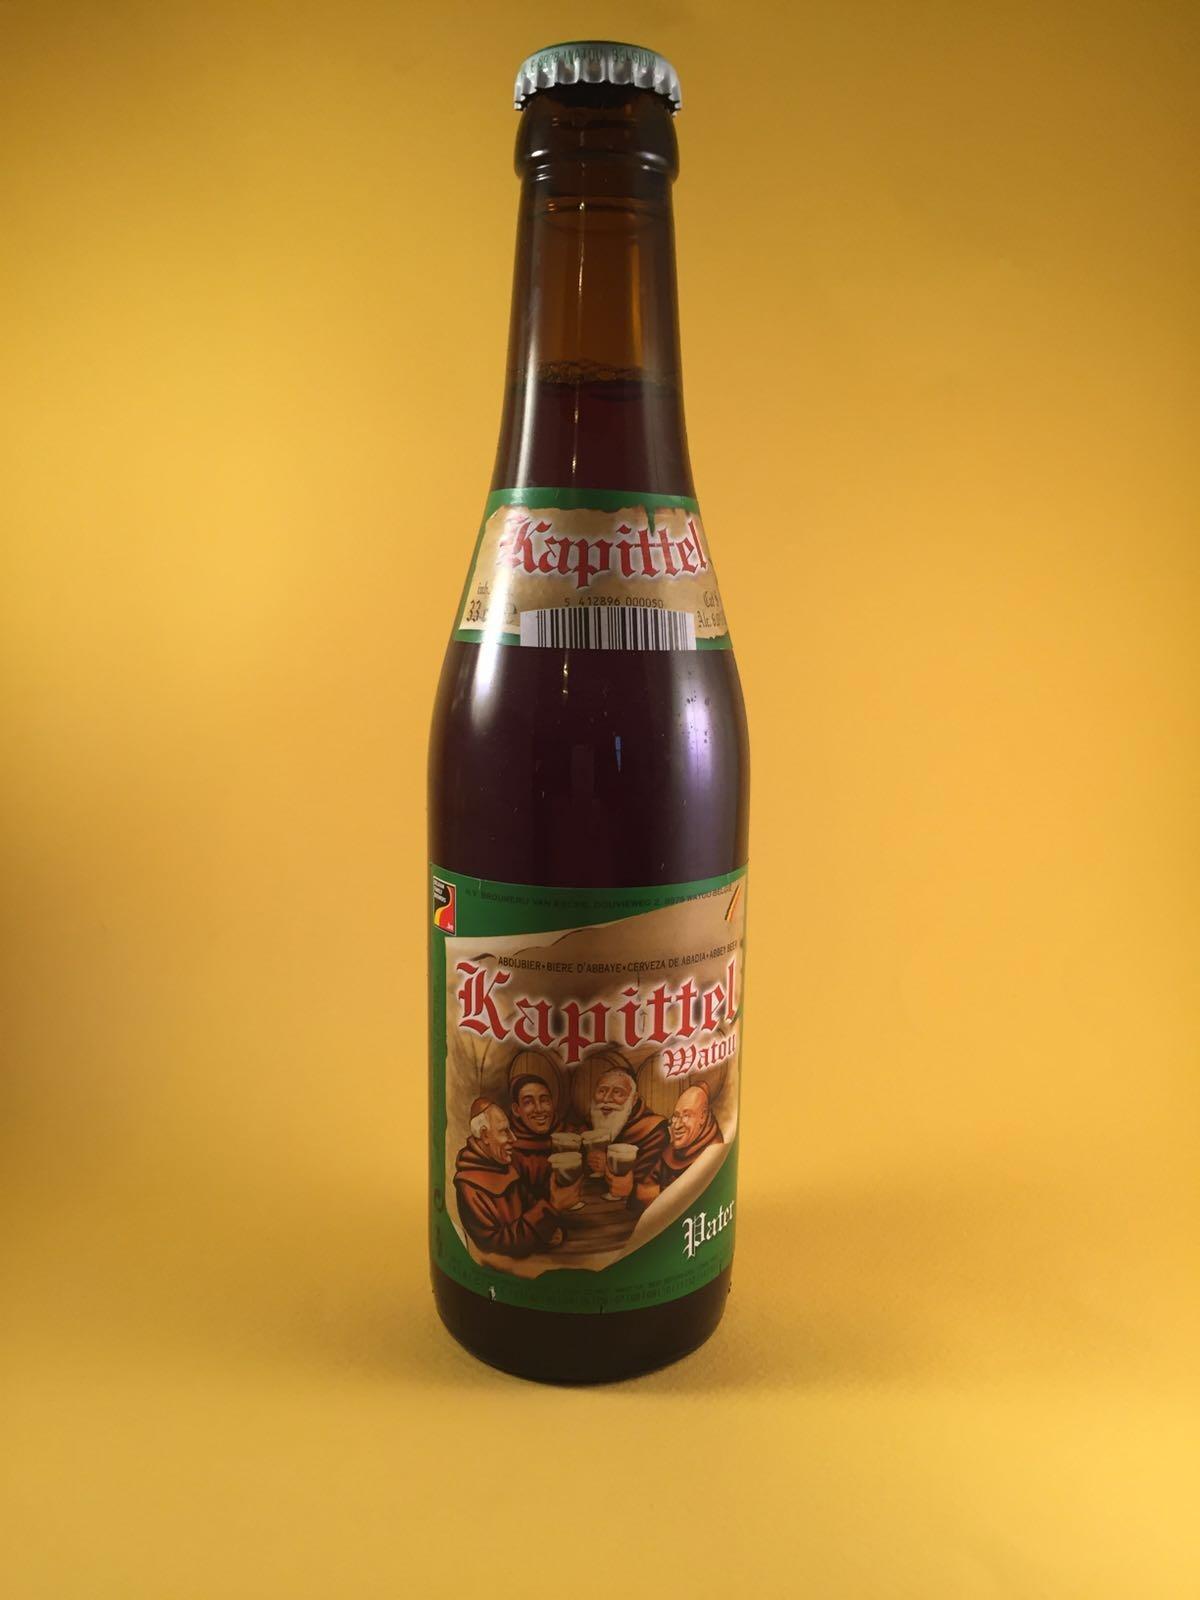 Kapittel Pater Herkomst: Watou, België Brouwerij van Eecke is één van de zes brouwerijen in België waar ze de term Trappistenbier mogen voeren. Het bier heeft een volle evenwichtige smaak en bevat toetsen van salmiak, drop, zoethout en laurier. Doordat dit bier laag in zijn alcohol zit, 6%, is dit toch stiekem een lekkere doordrinker. Serveertemperatuur: graad of 5.